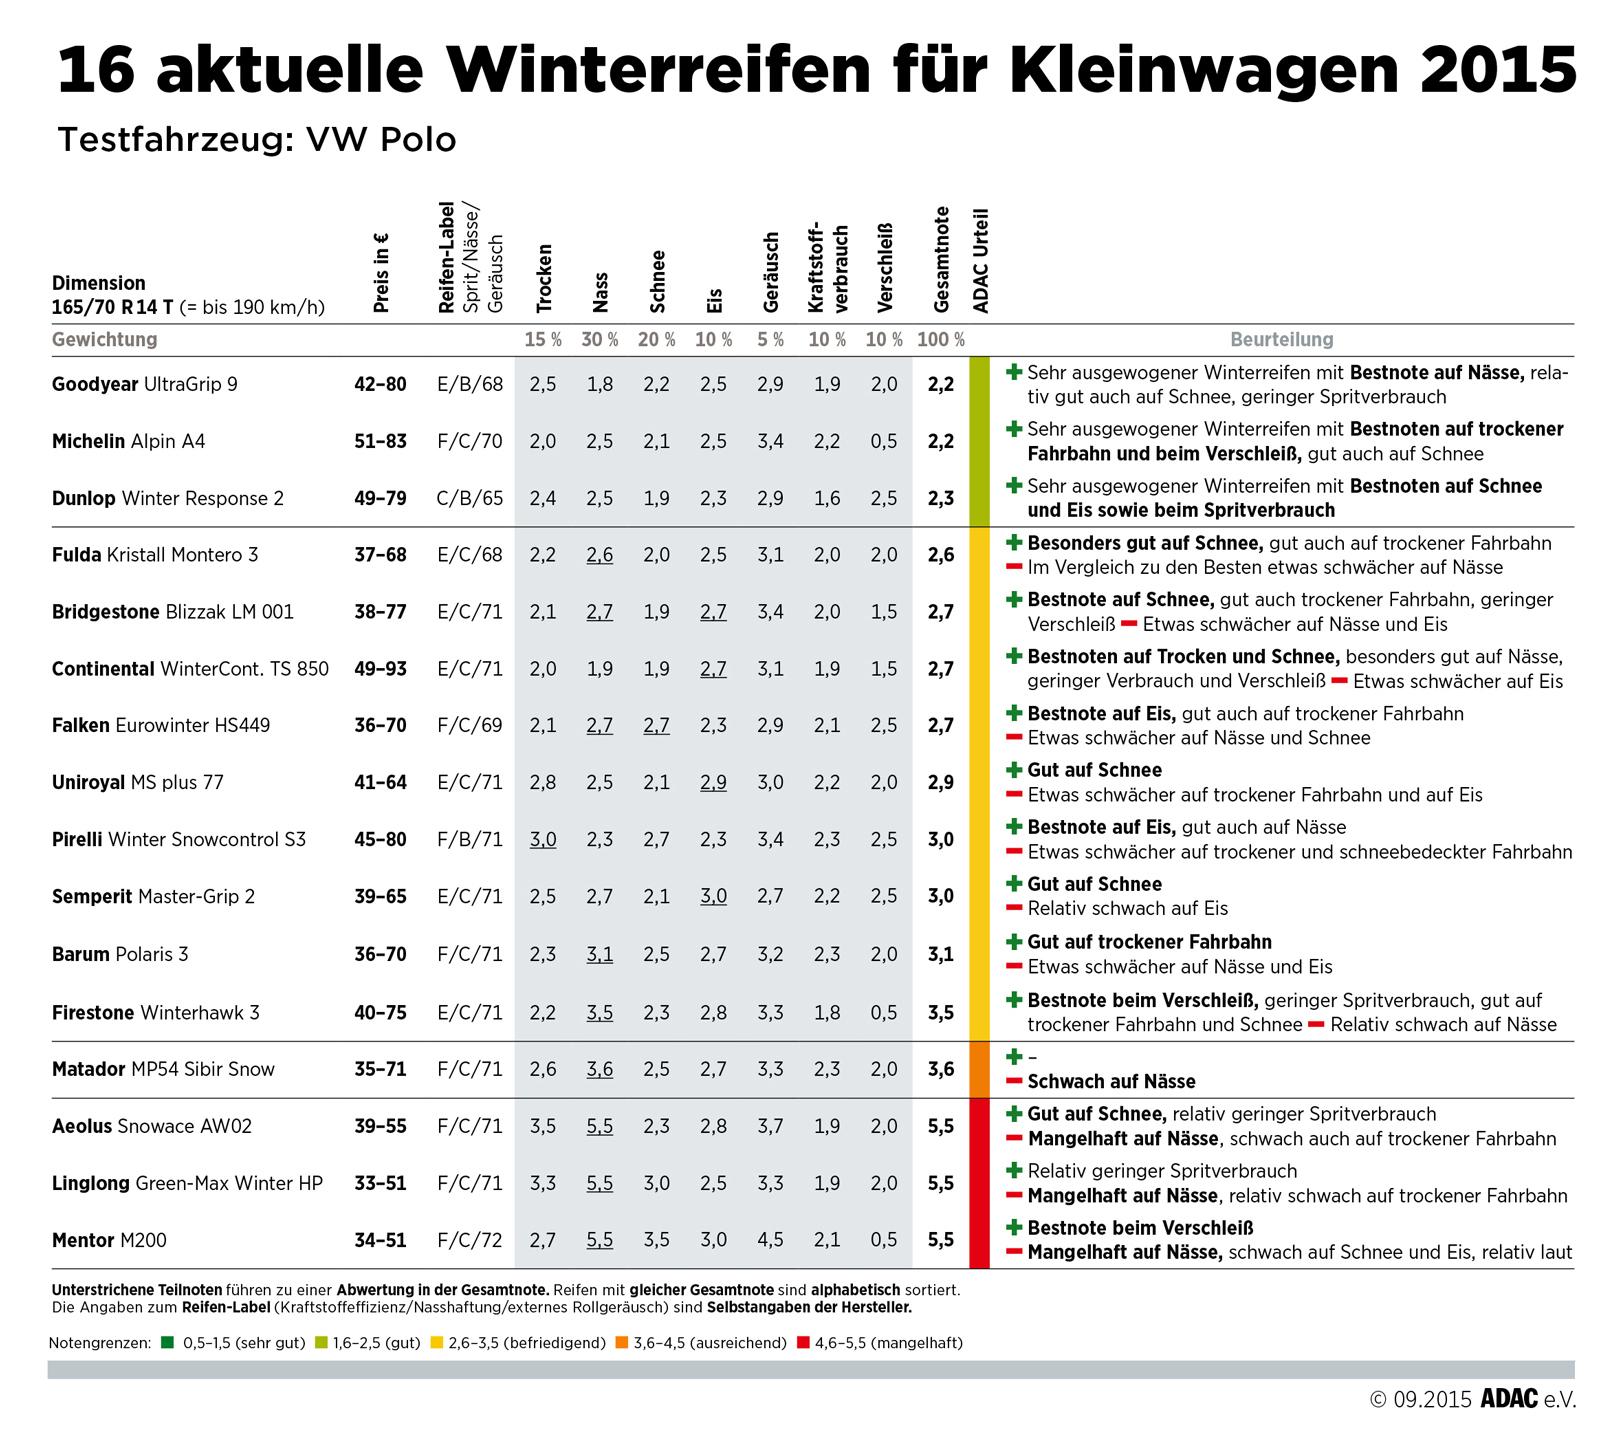 ADAC Winterreifentest 2015; Quelle: ADAC